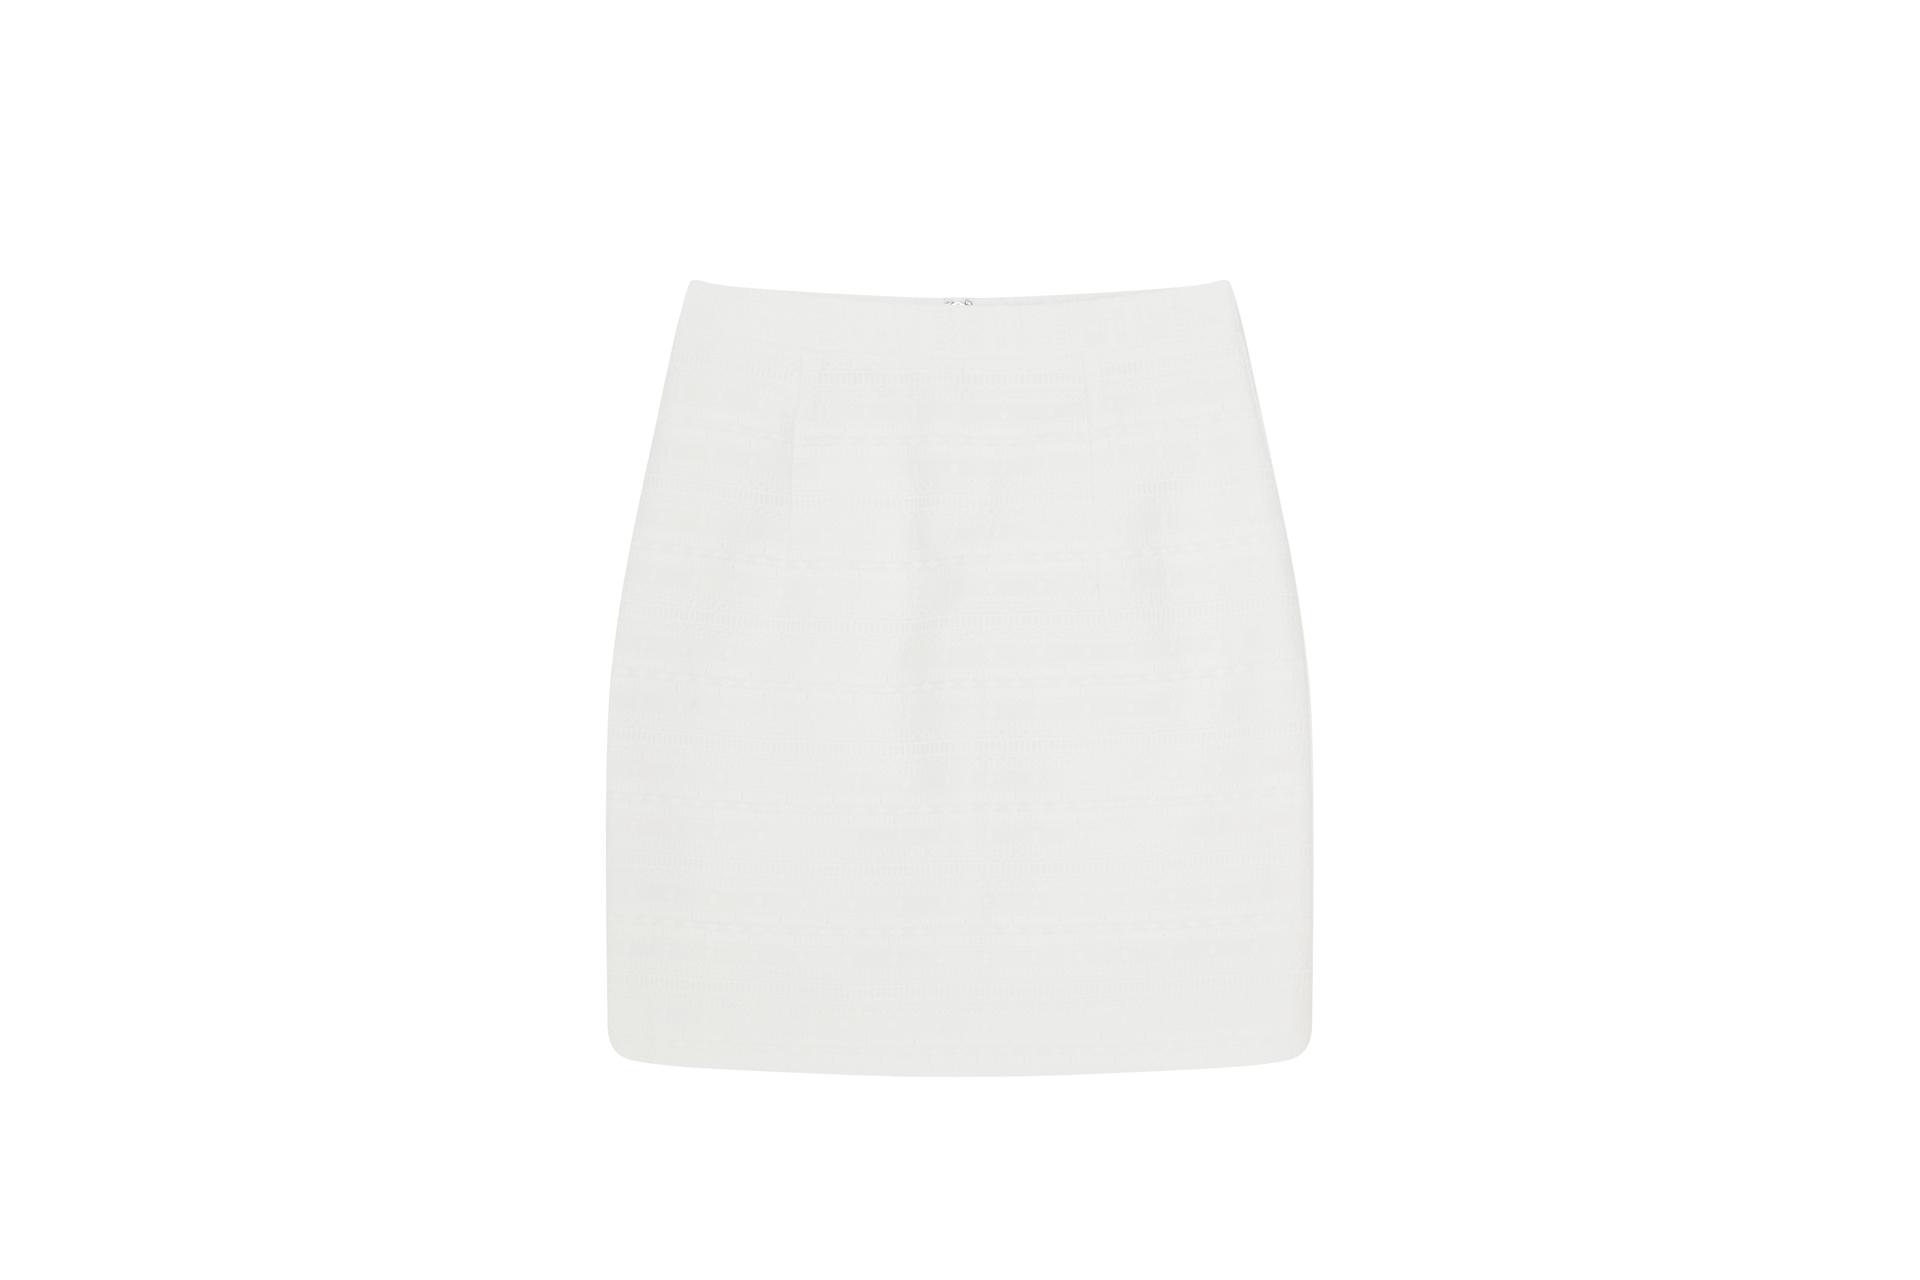 72dpi-239206cd48-22.-BY-JOHNNY,-Texture-Weave-Mini-Skirt,-260,-www.byjohnny.com.au